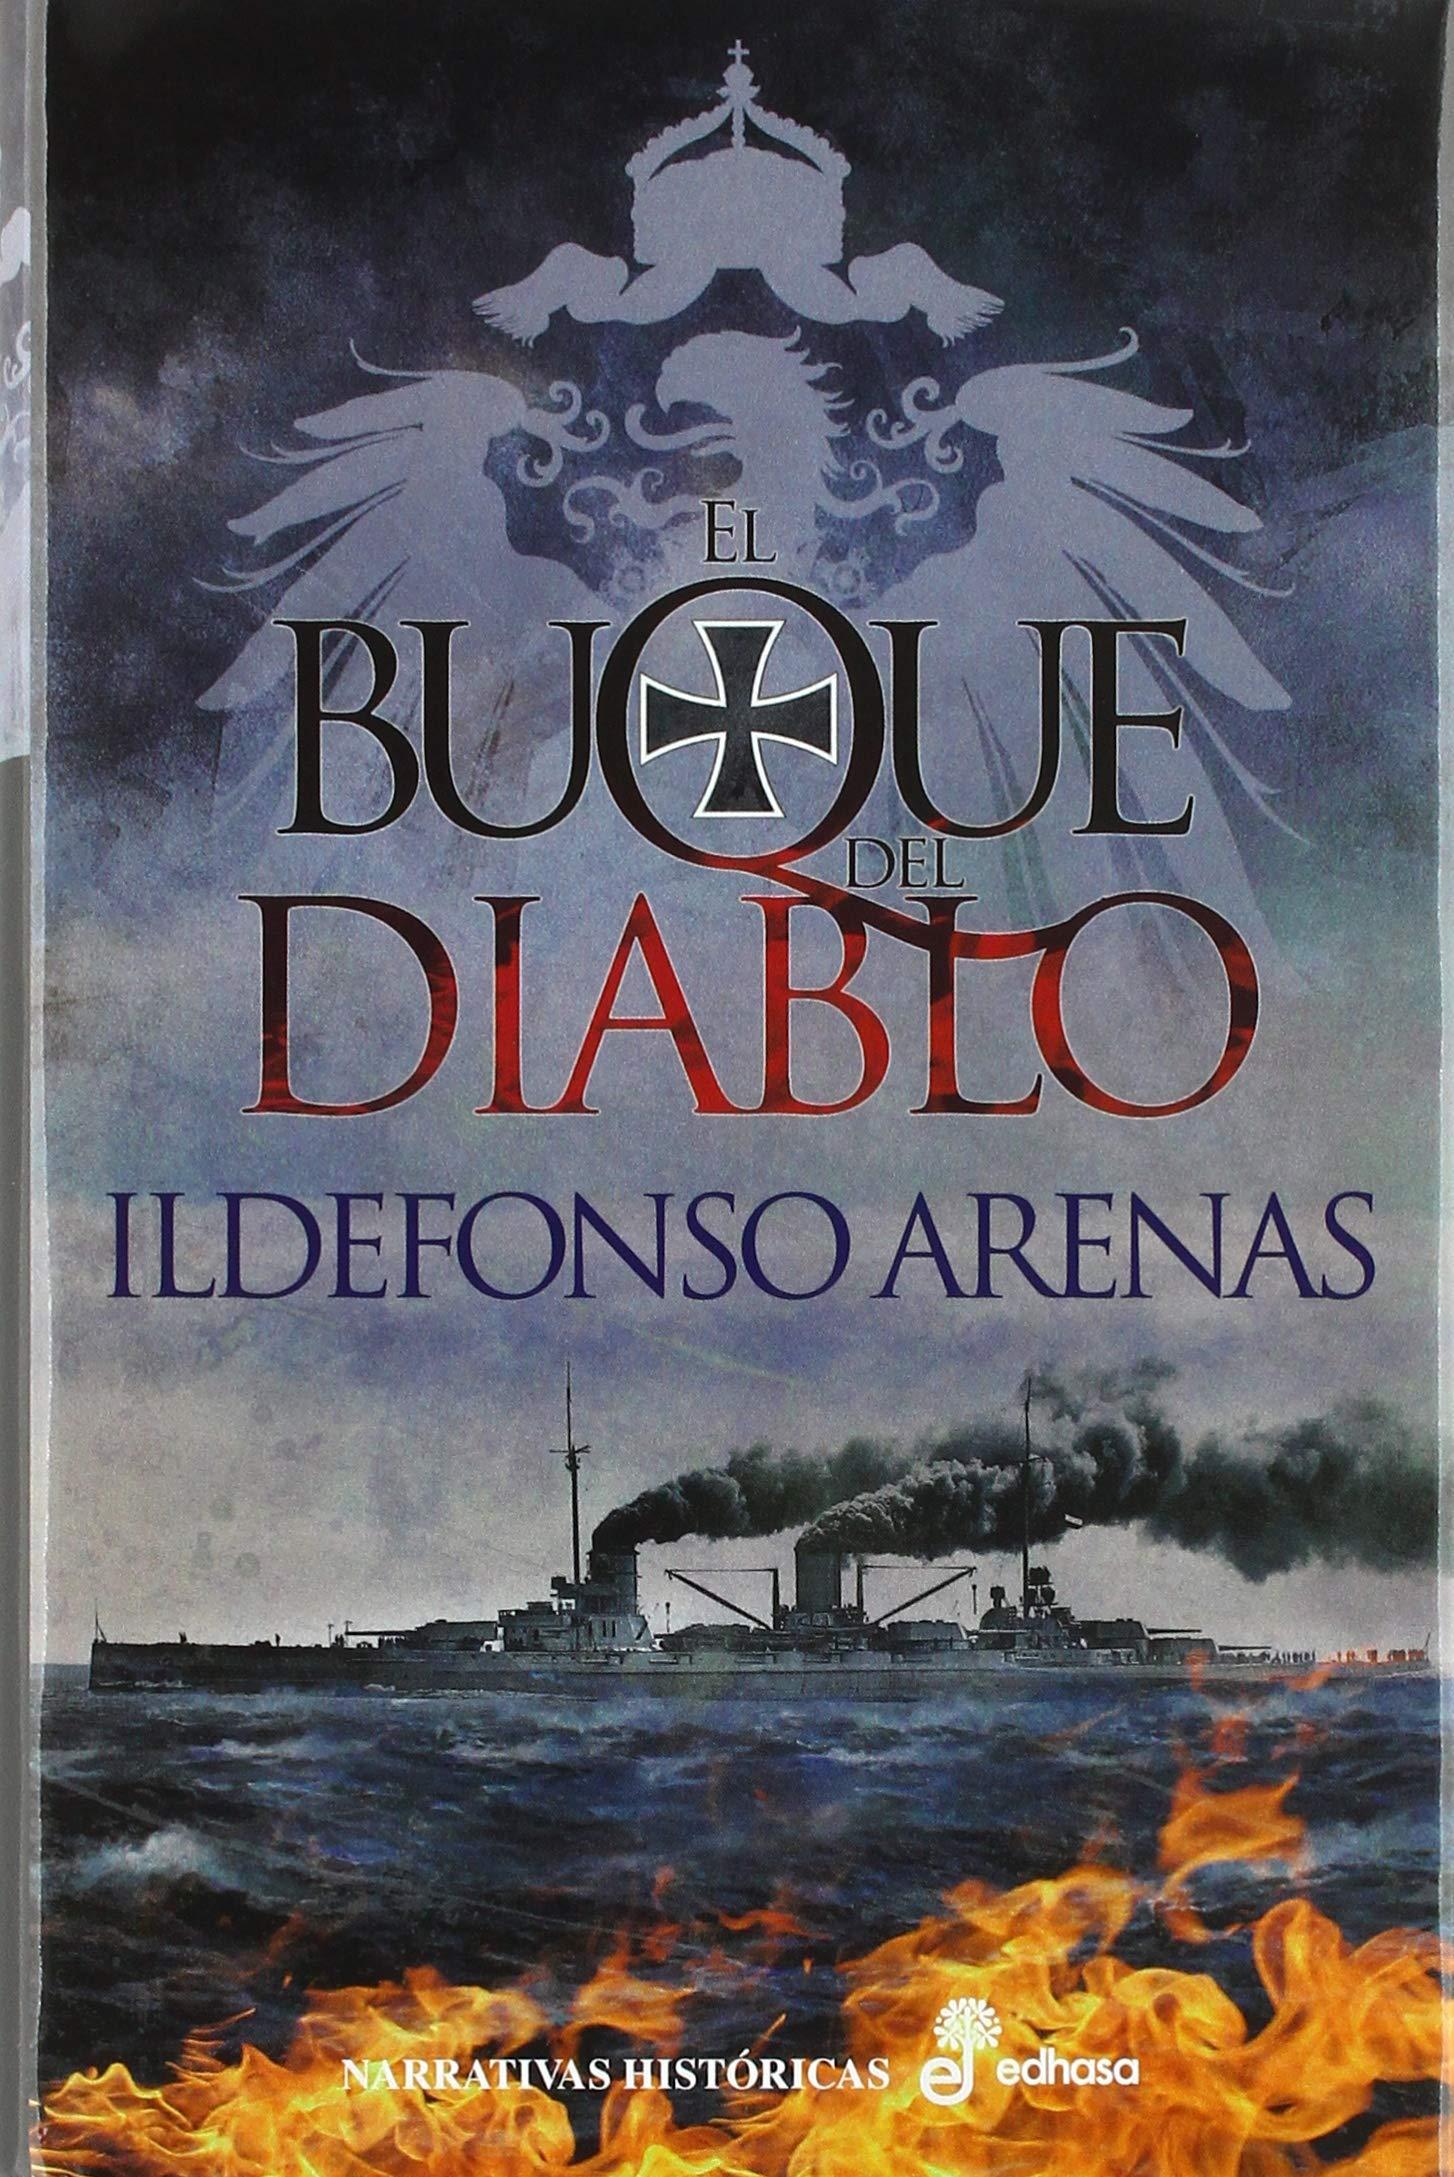 el buque del diablo (Narrativas Históricas): Amazon.es: Ildefonso Arenas:  Libros